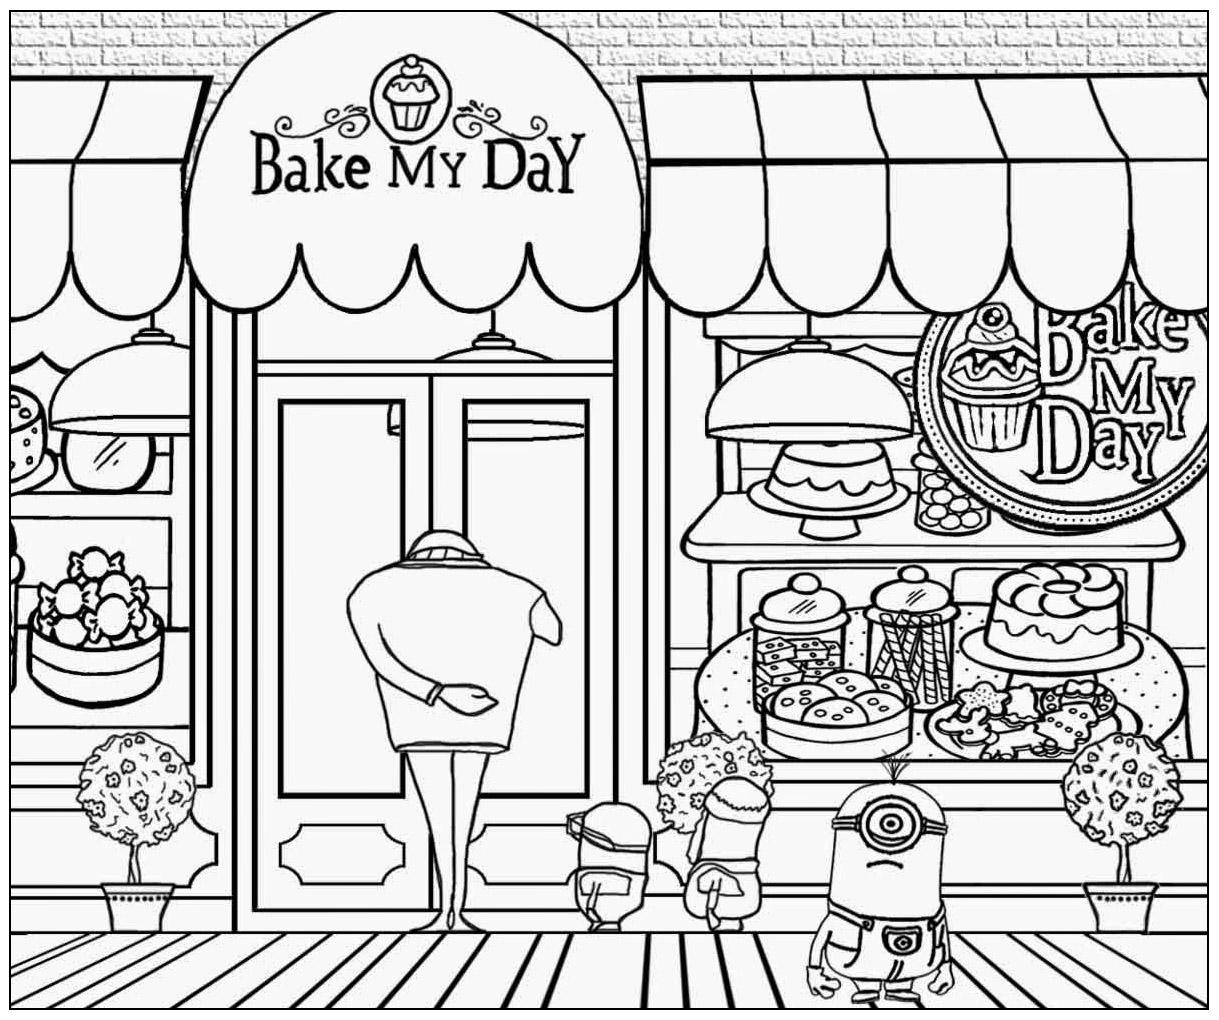 minion magasin avec gru coloriage minions coloriages pour enfants. Black Bedroom Furniture Sets. Home Design Ideas